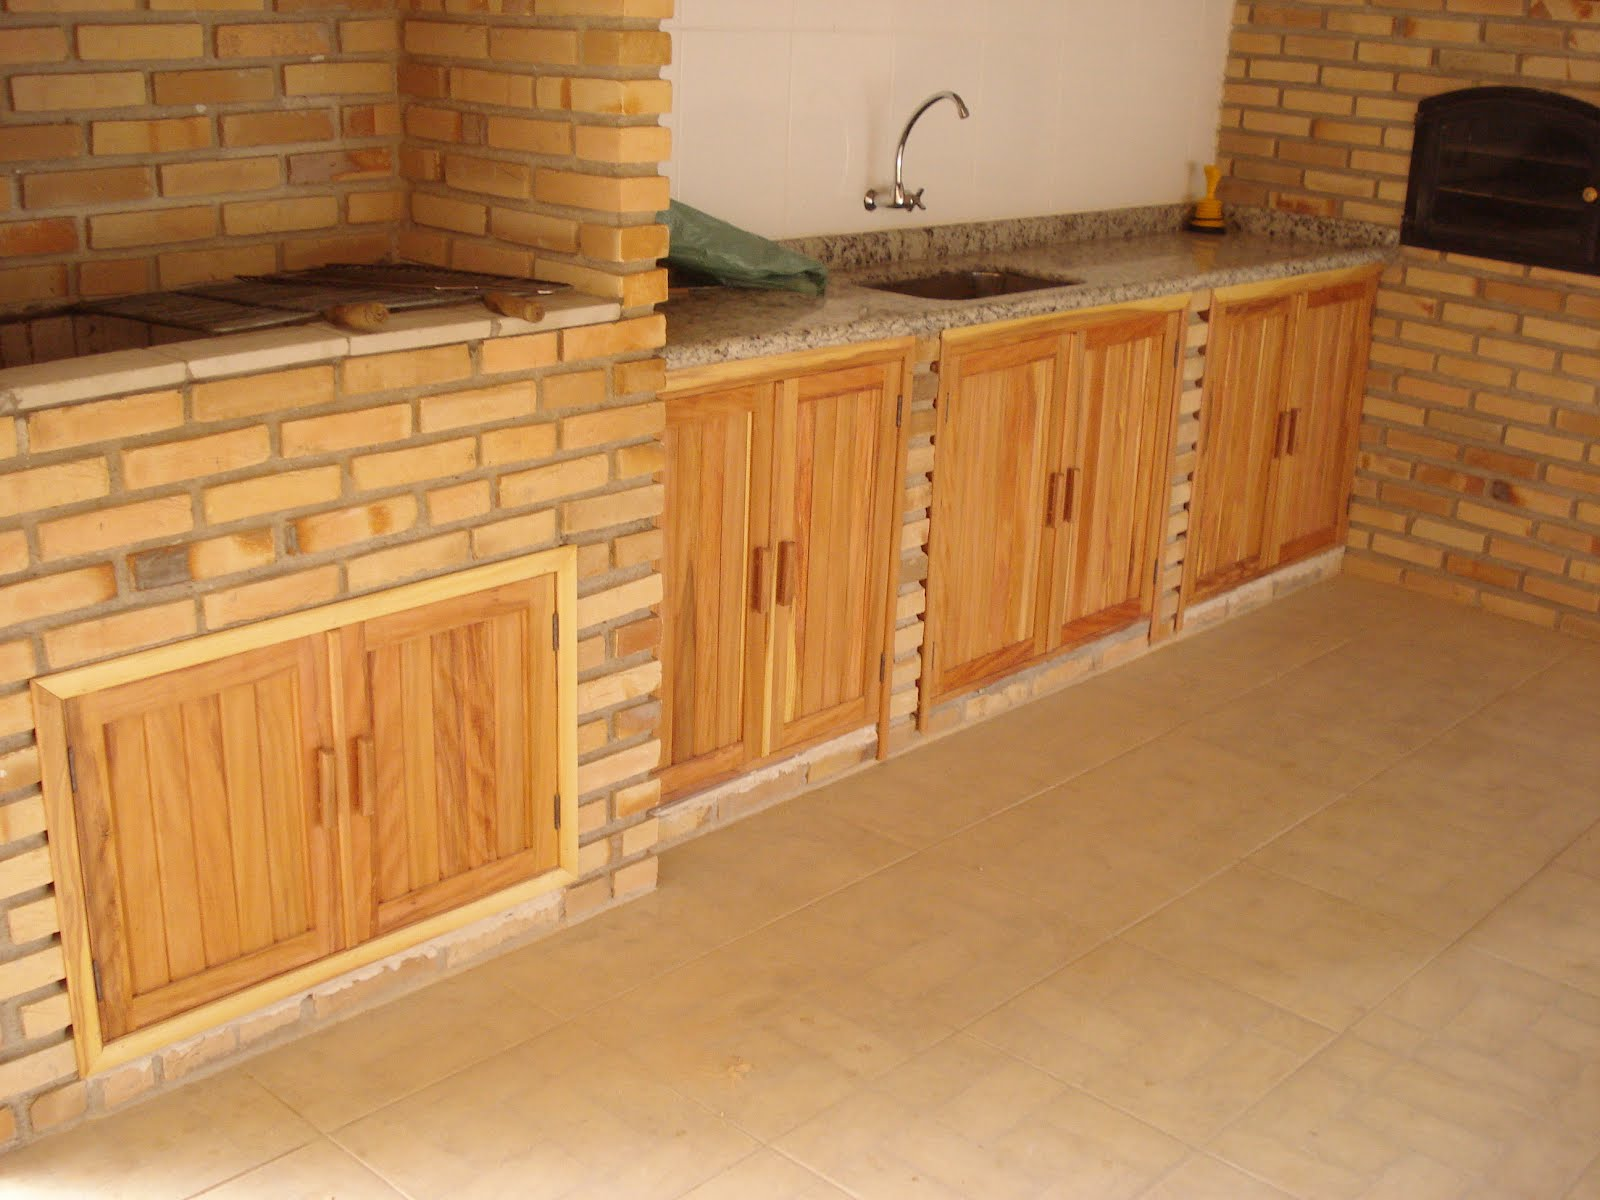 (Toda madeira utilizada em nossa marcenaria possui selo do IBAMA #B37518 1600x1200